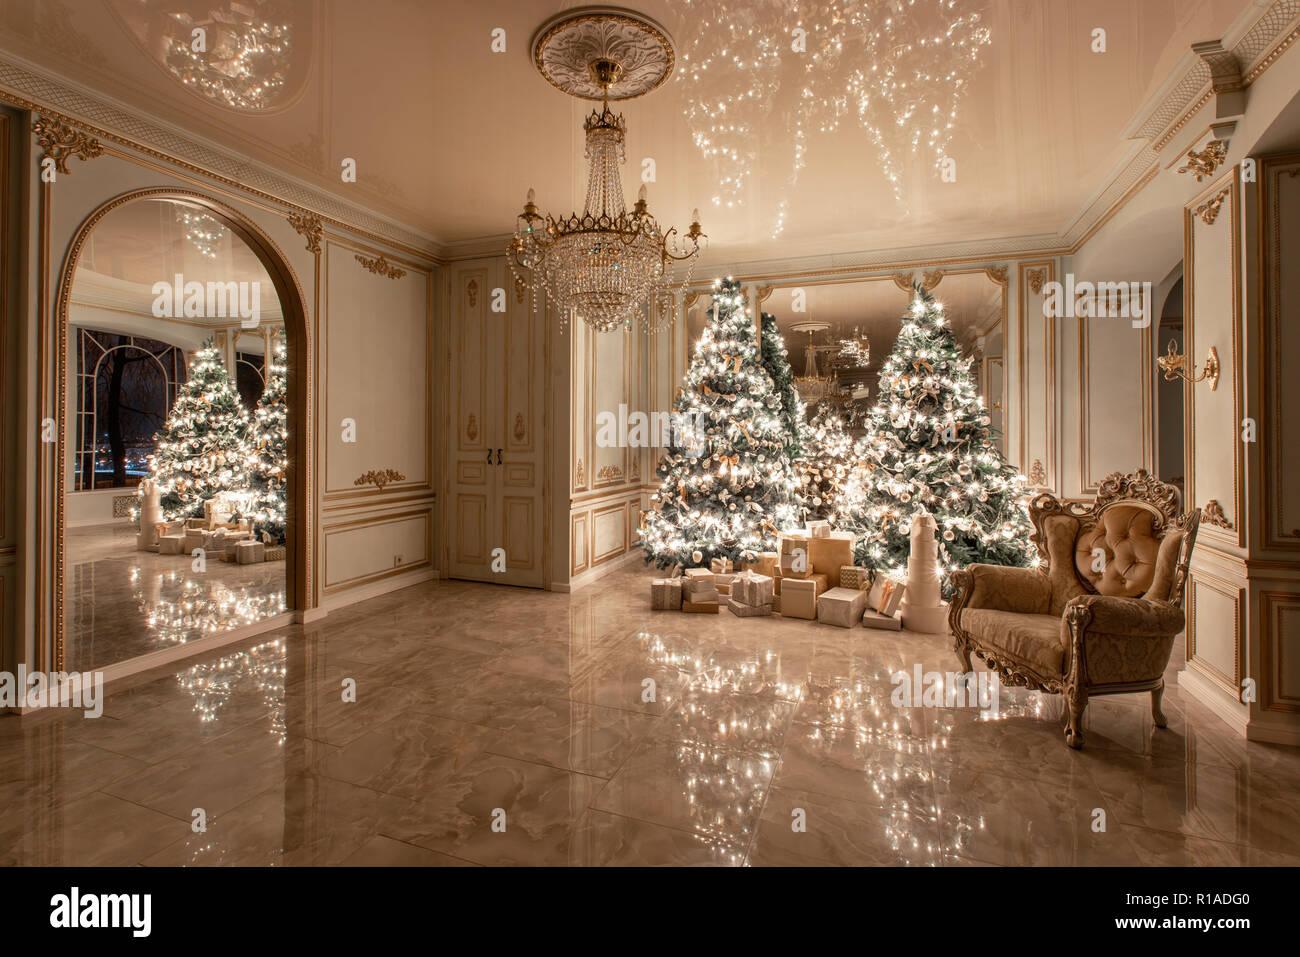 Garland Light Bulbs Christmas Evening Classic Luxurious